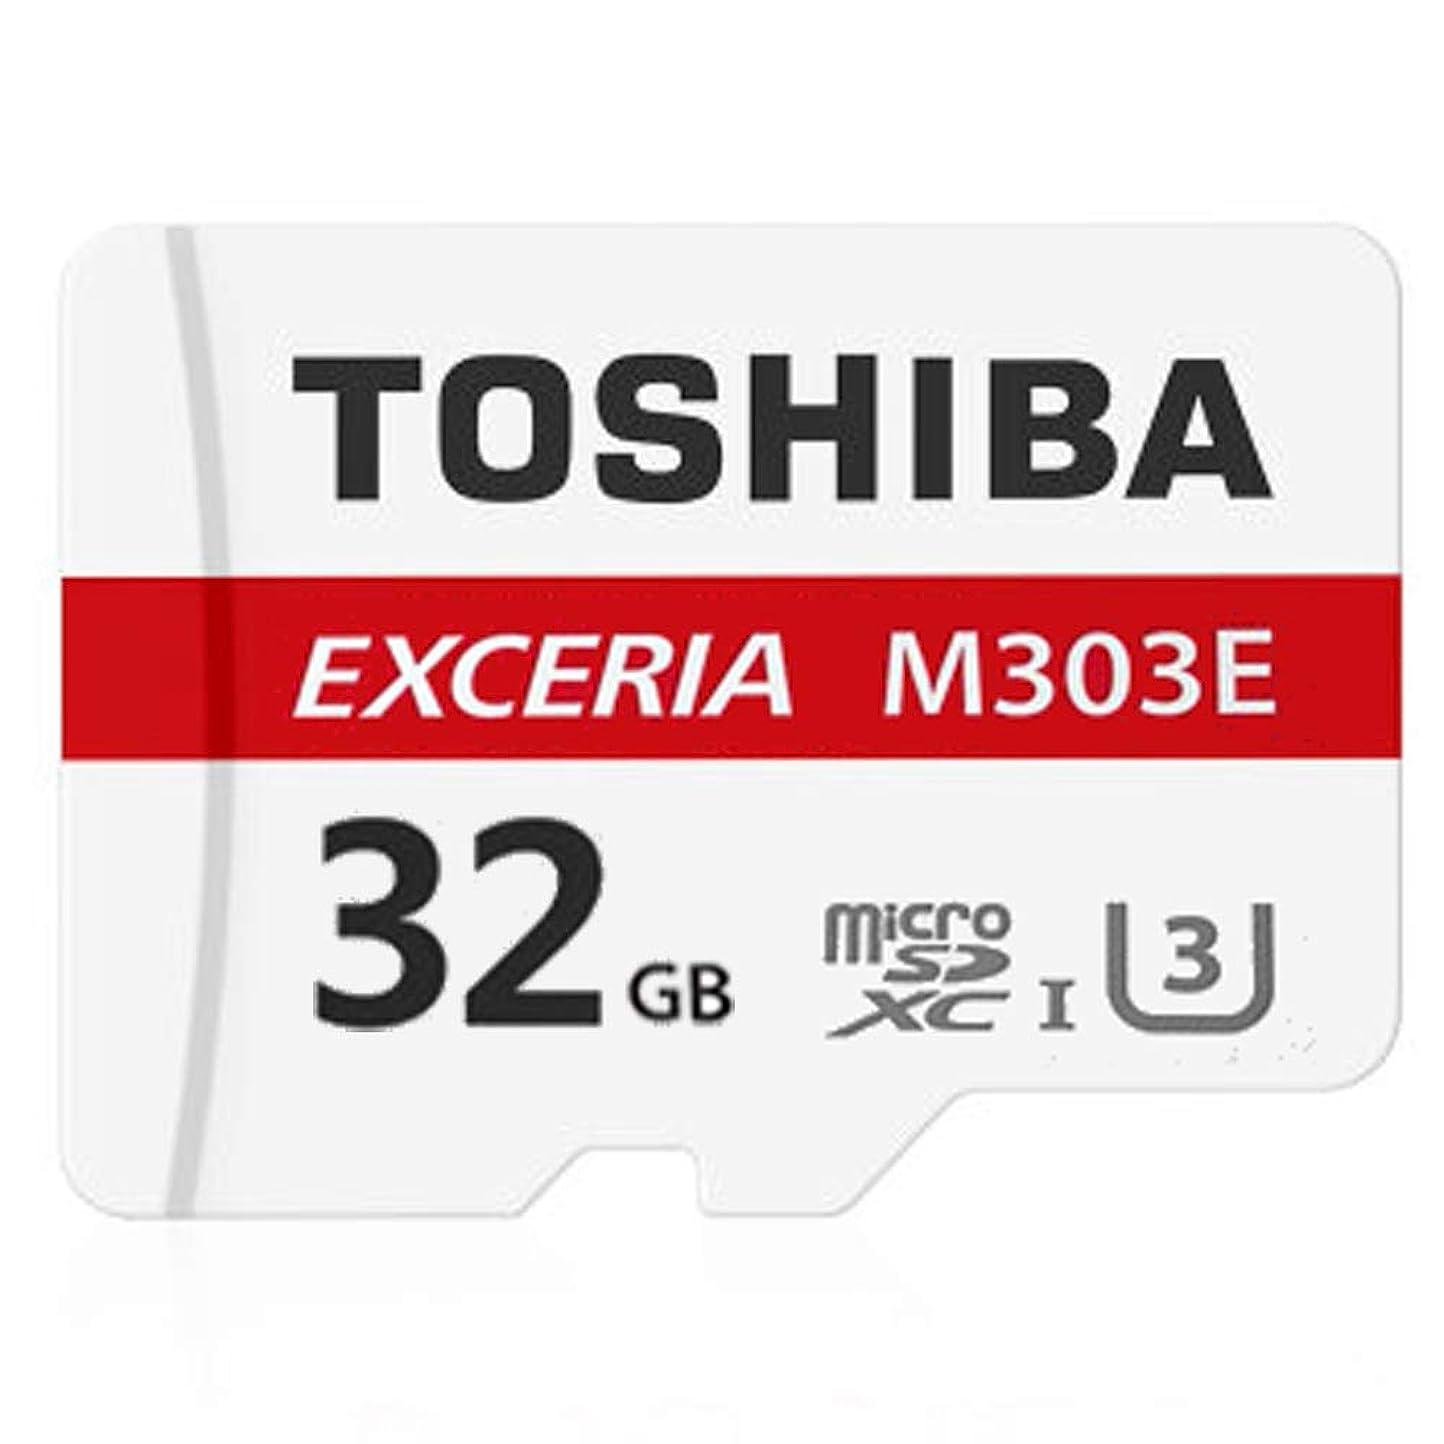 リーガンマウンド排出TOSHIBA ( 東芝 ) 32GB microSDHC 高耐久 アダプター付き THN-M303E0320A2 [ 海外パッケージ ]